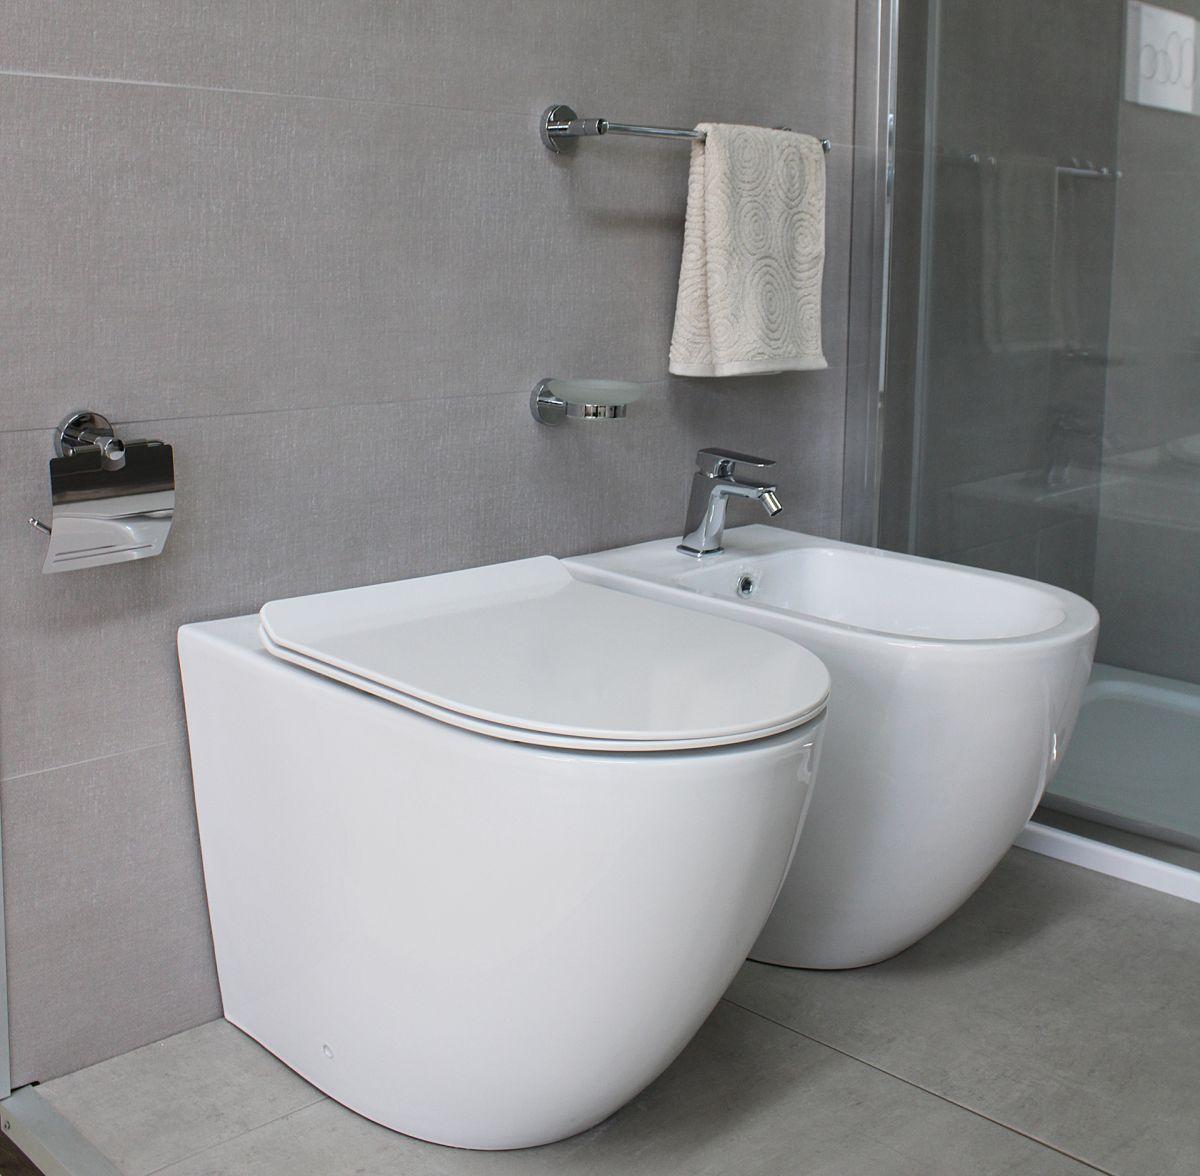 Sanitari Round particolare 6 Sanitari filo muro Round in ceramica Vaso+Bidet+Coprivaso Soft Close